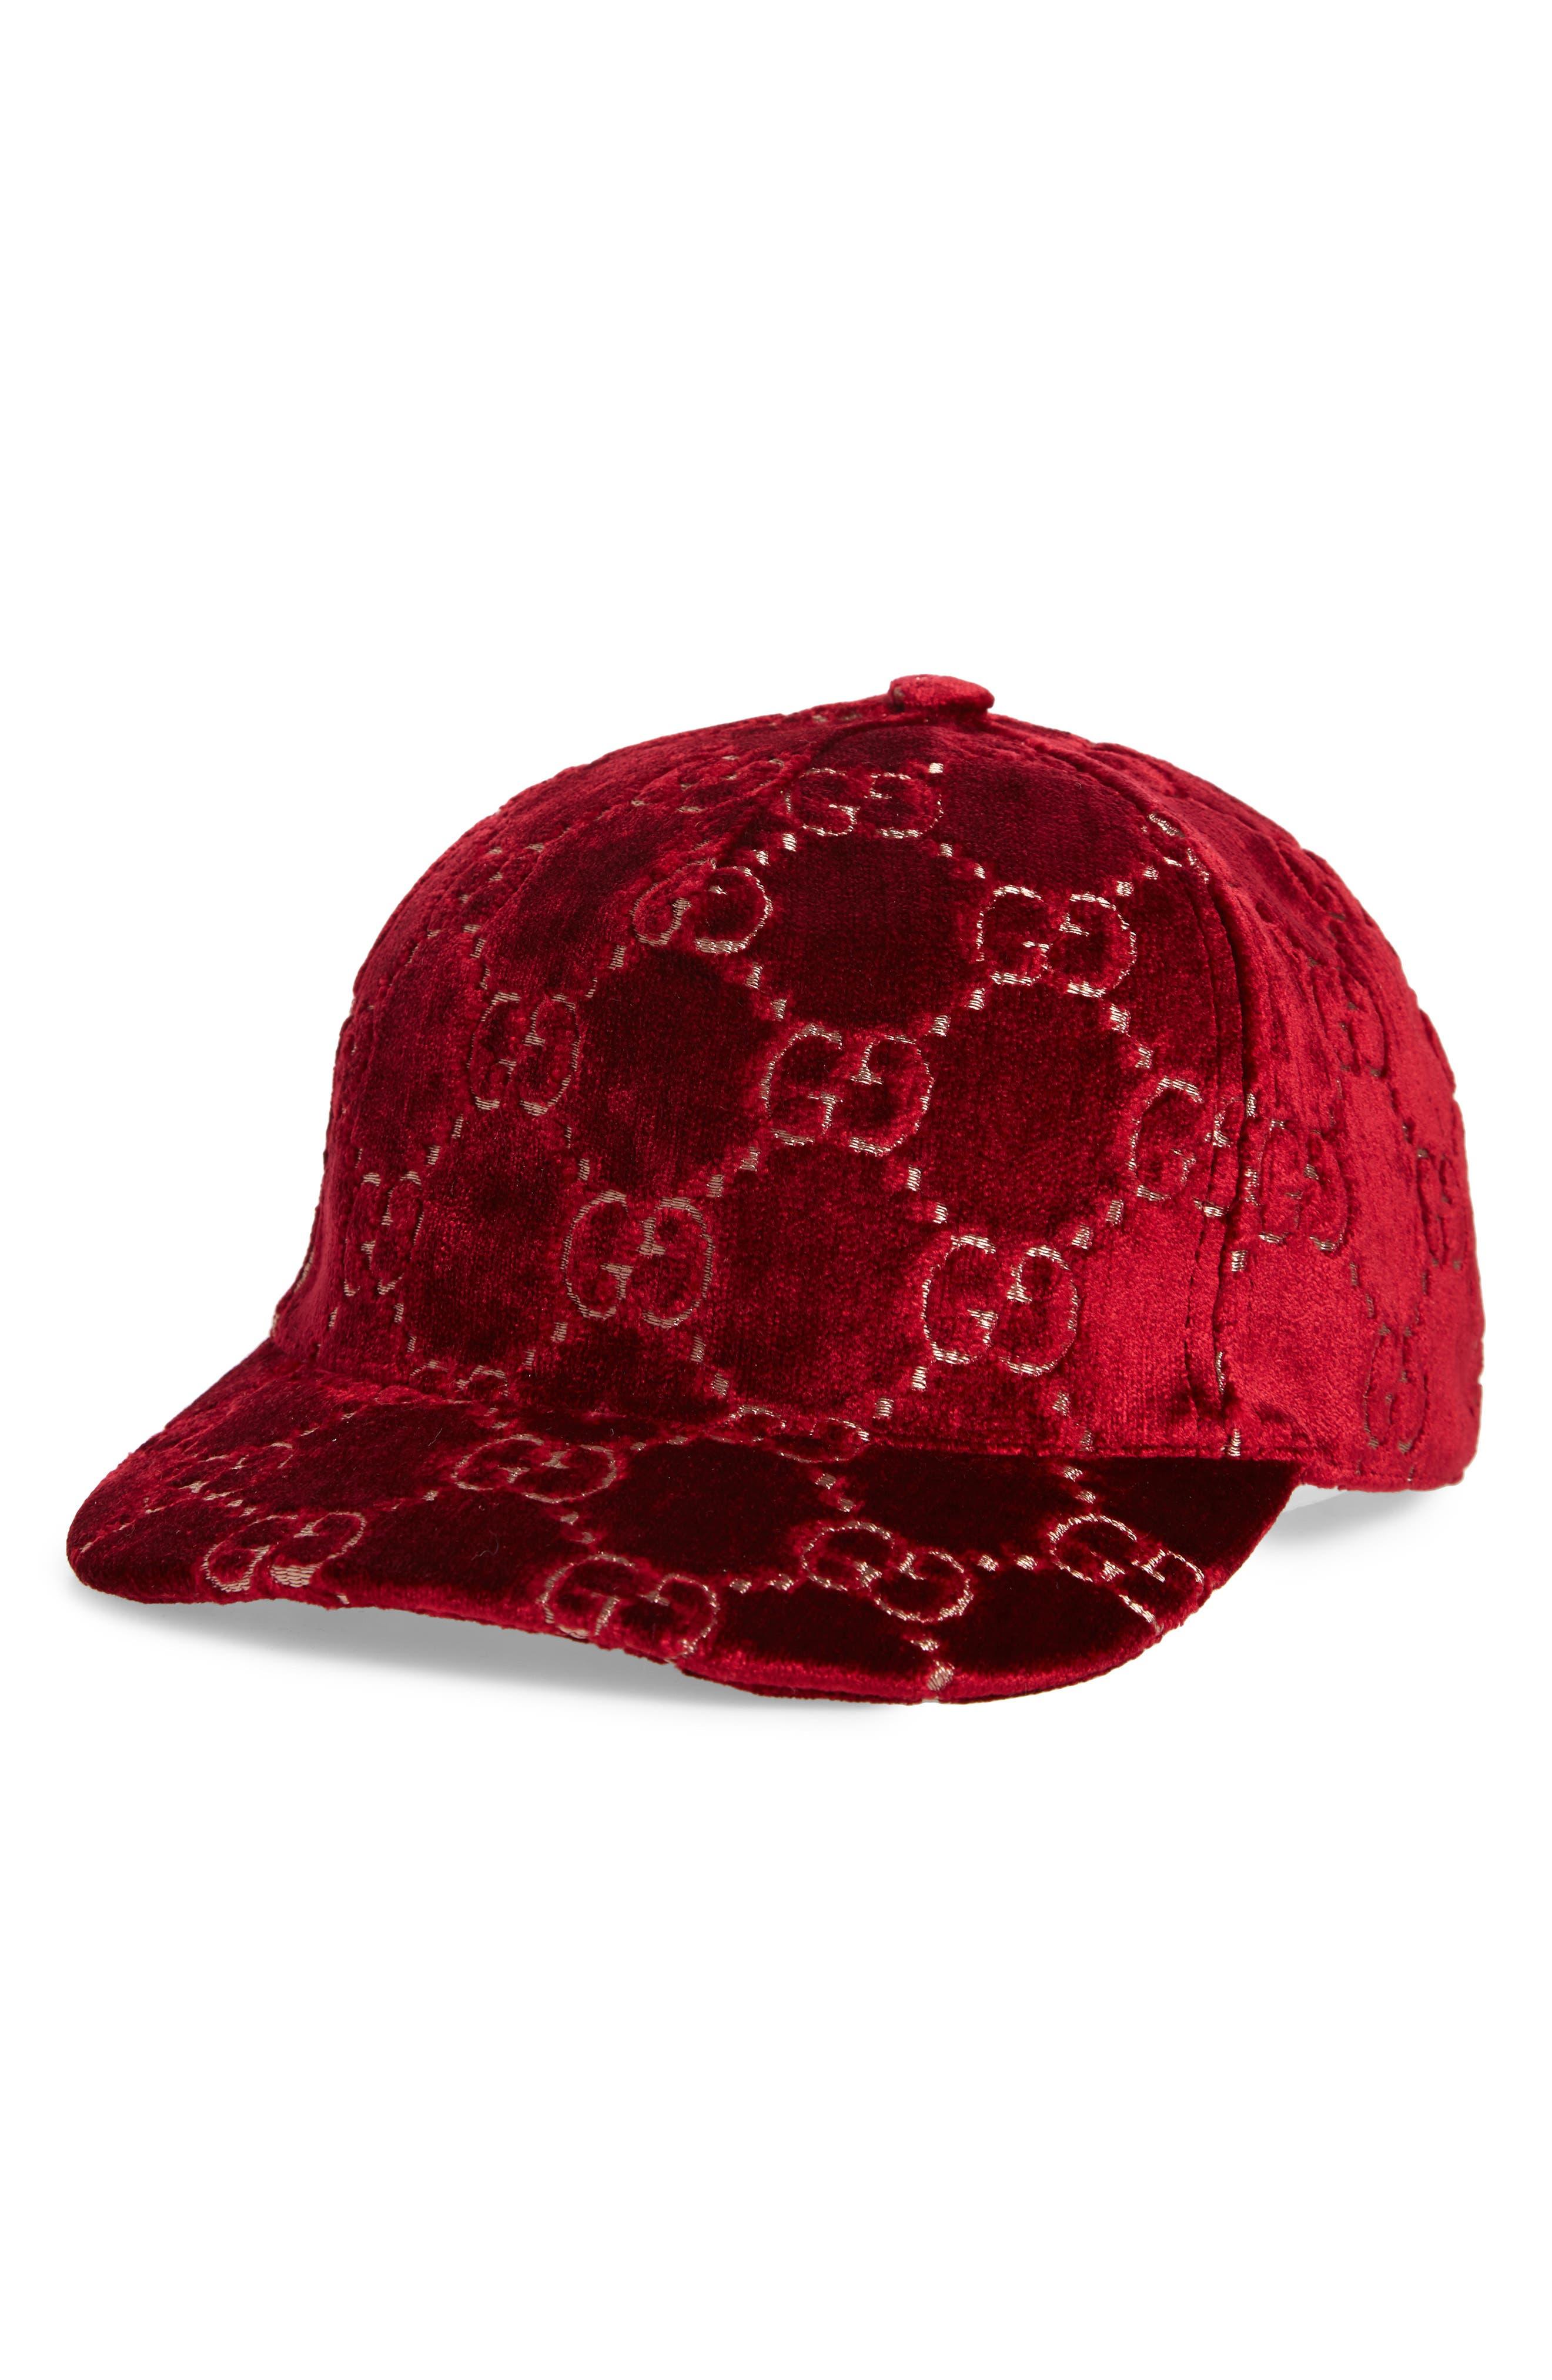 Logo Embroidered Velvet Baseball Cap - Black in Red/ Black